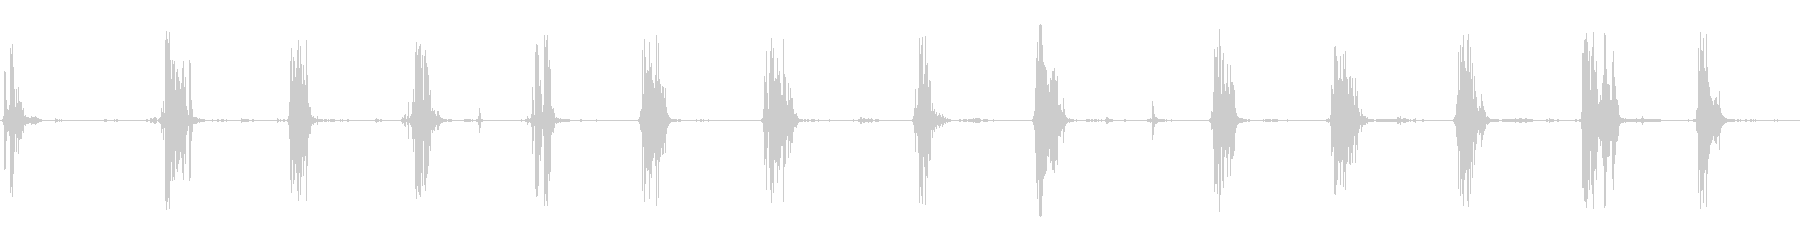 食べる音10(ポテトチップスなど)の未再生の波形